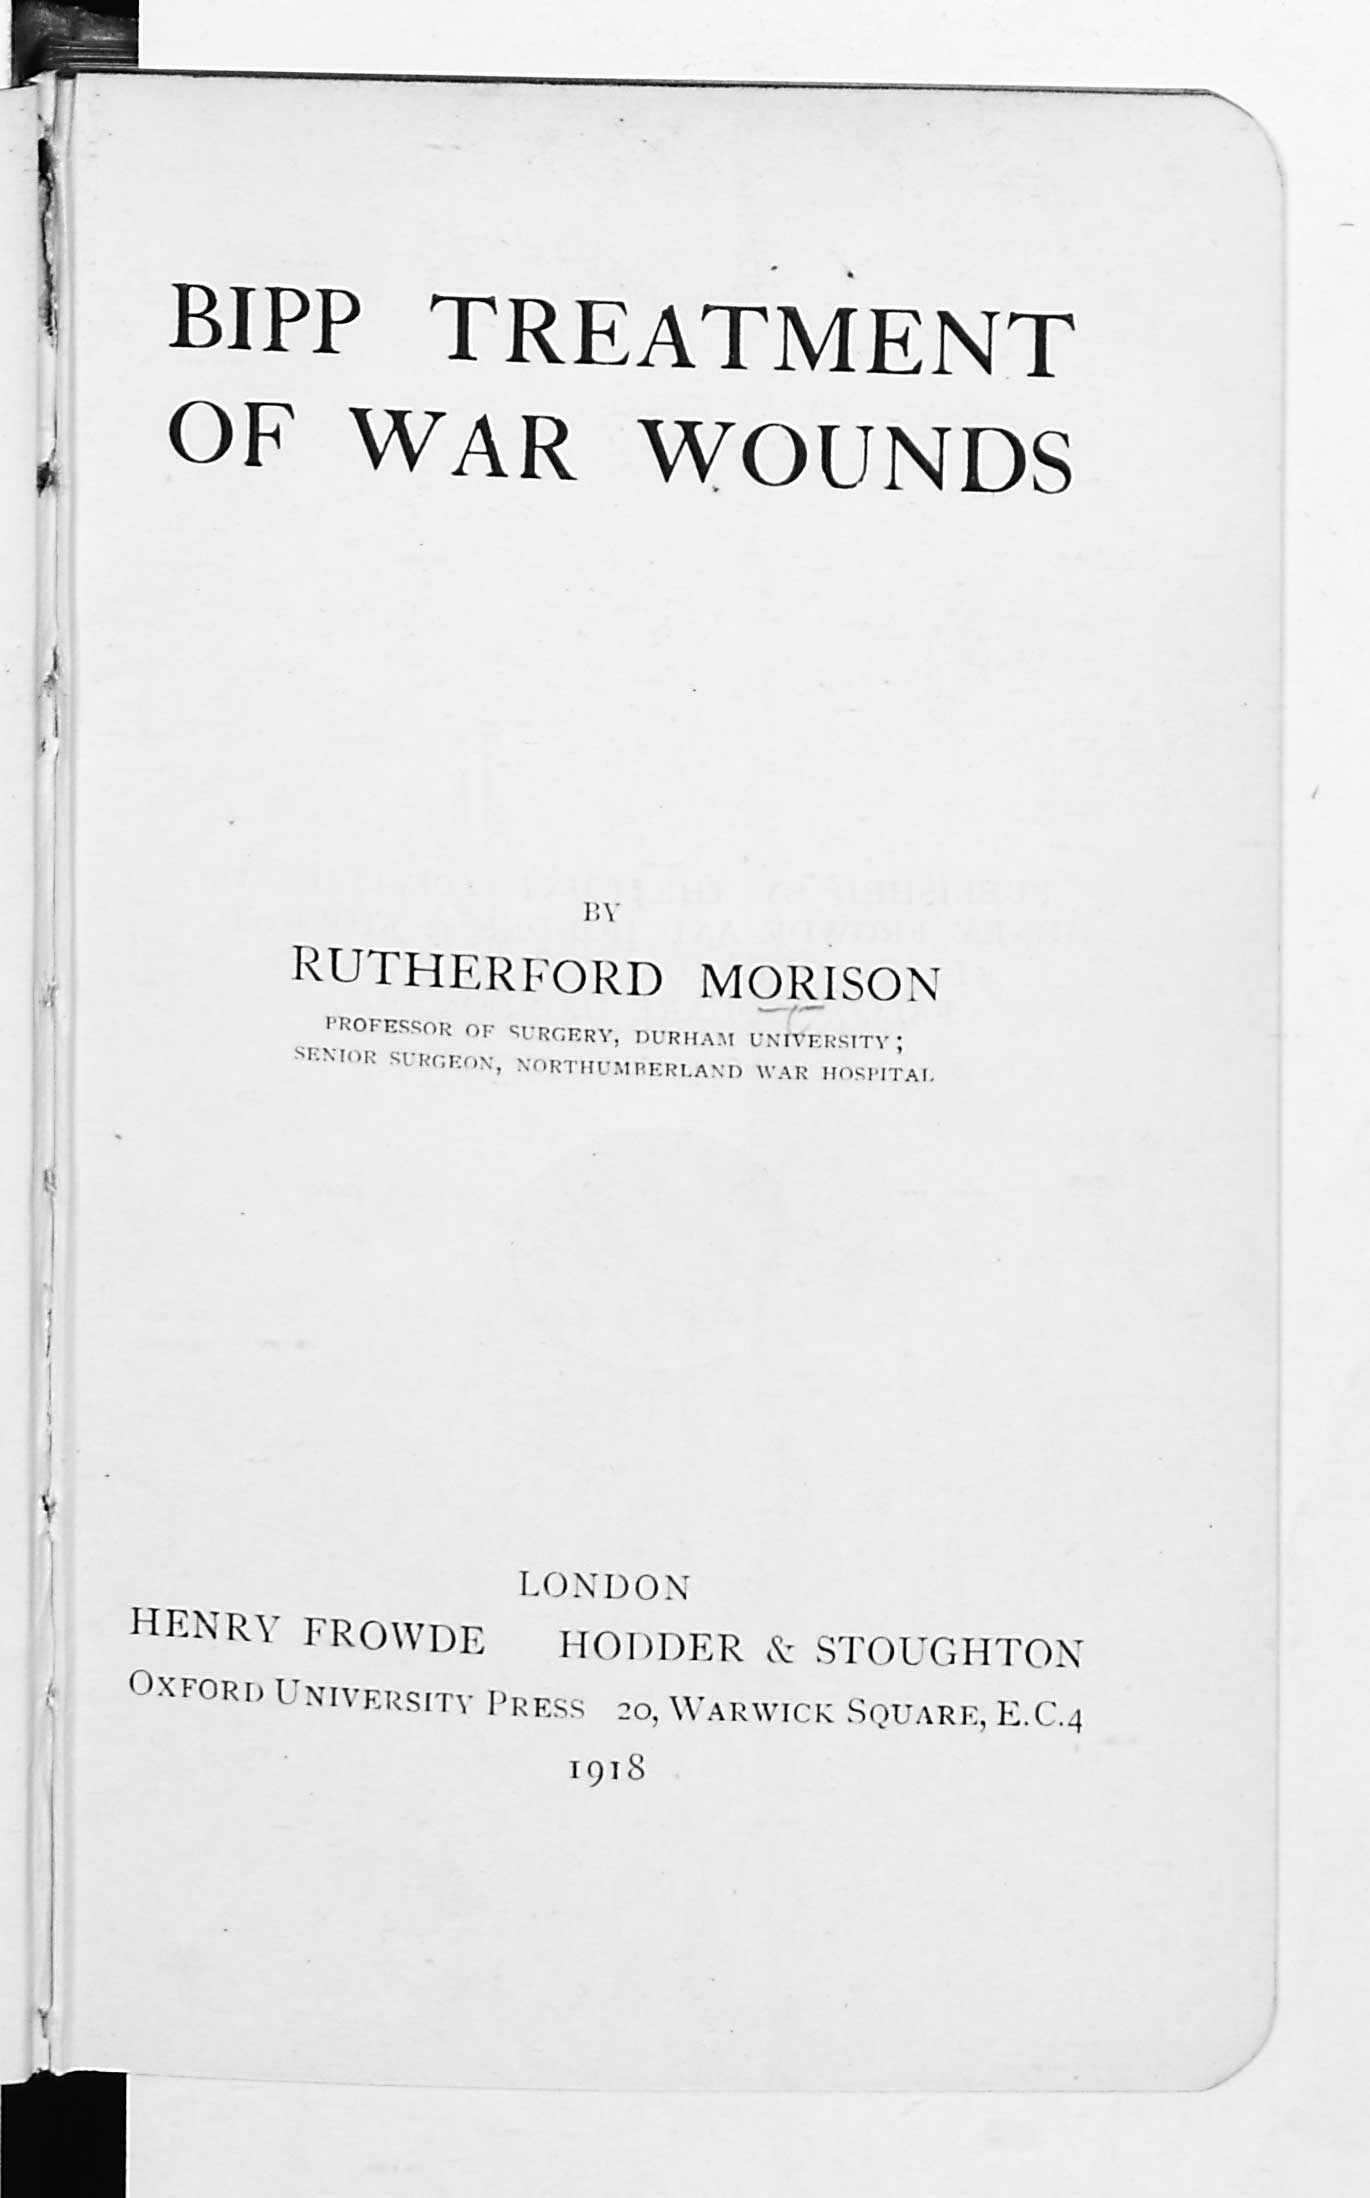 Bipp Treatment of War Wounds